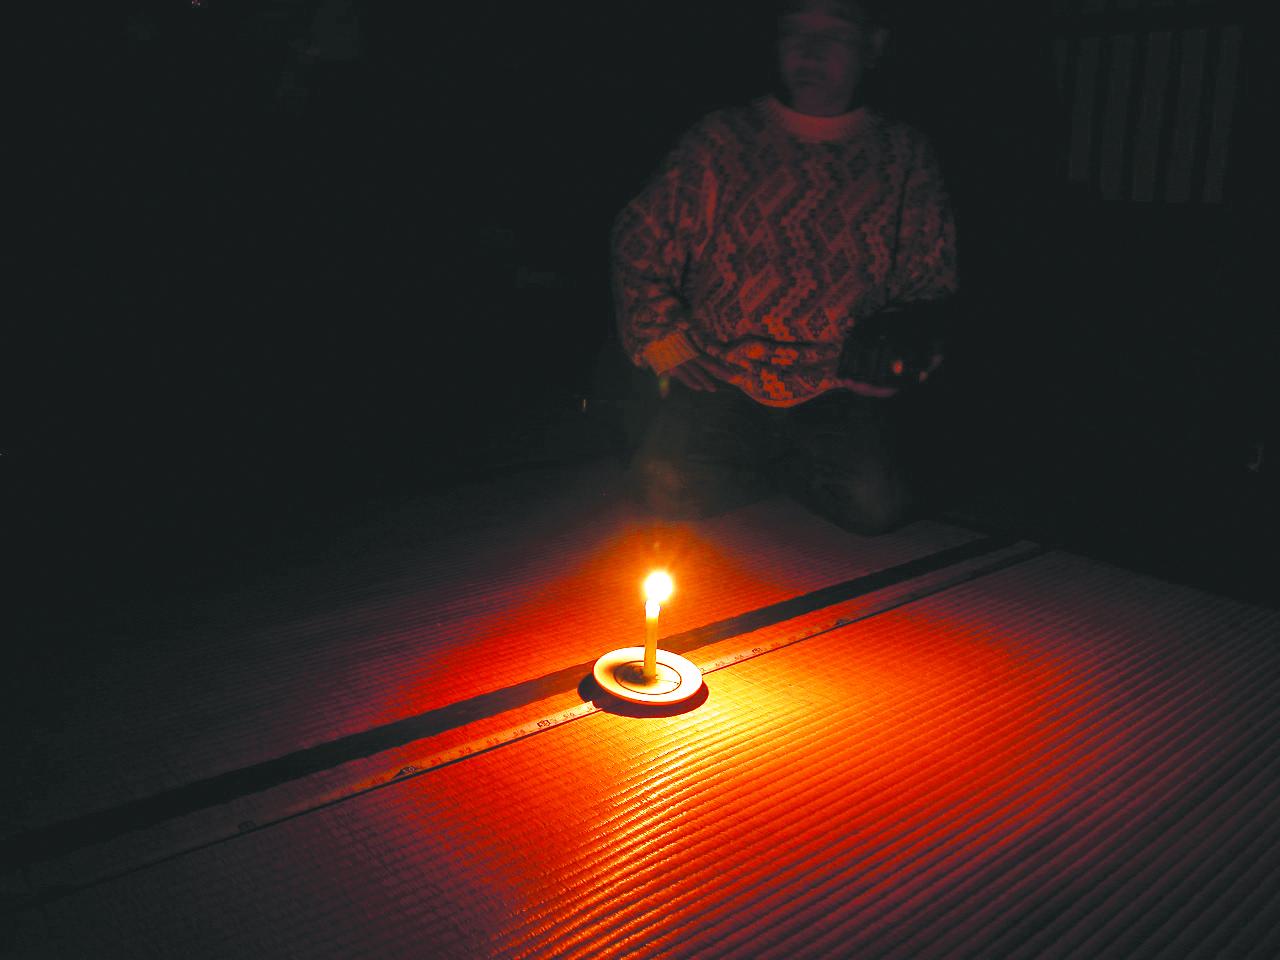 2.ろうそくの灯りの測定。ゆらめく炎が室内を浮かびあ